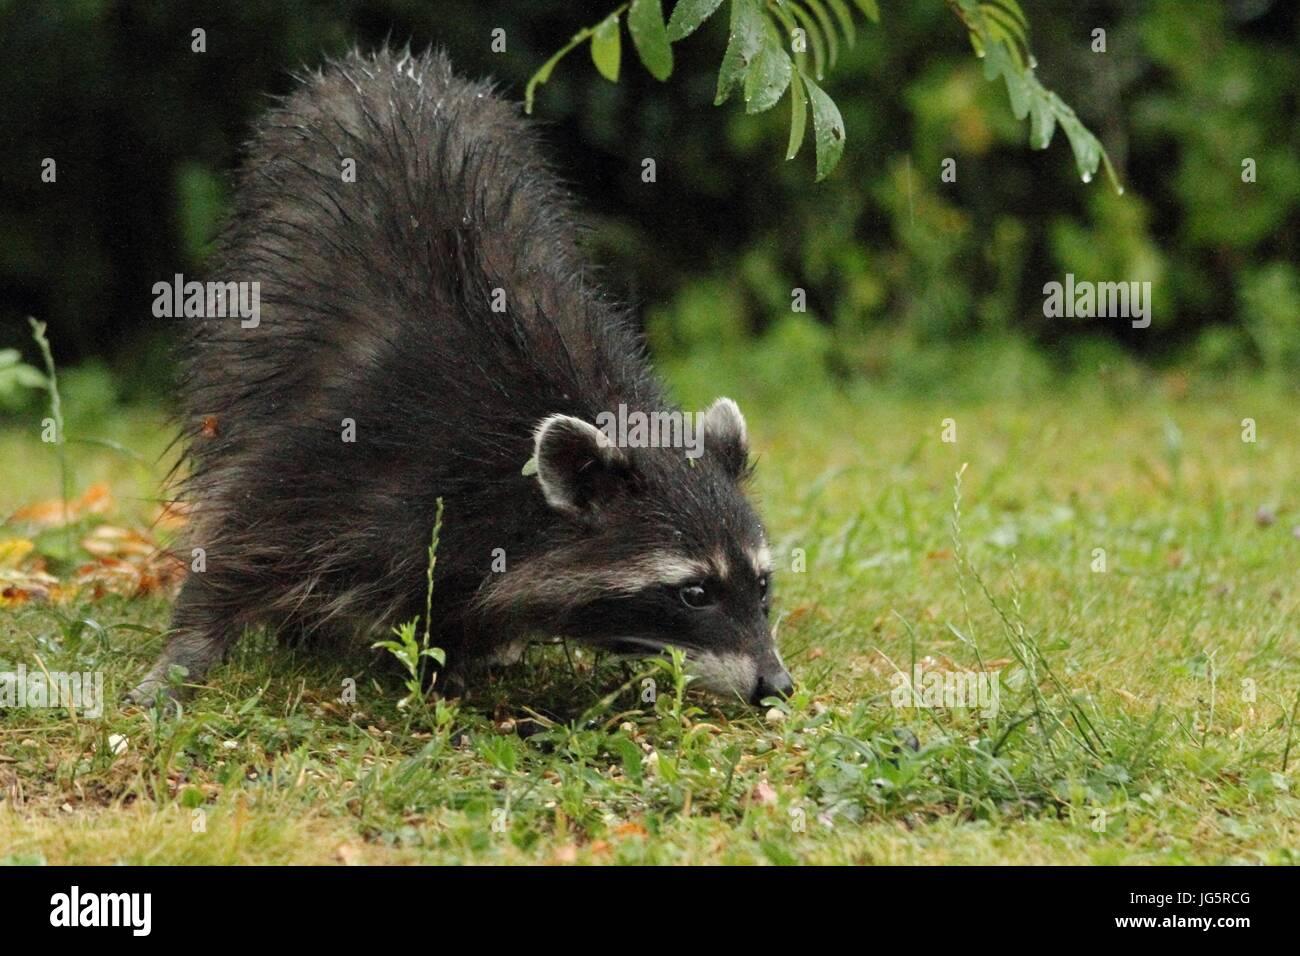 Waschbär ist auf der Suche nach etwas in der Wiese Stockfoto